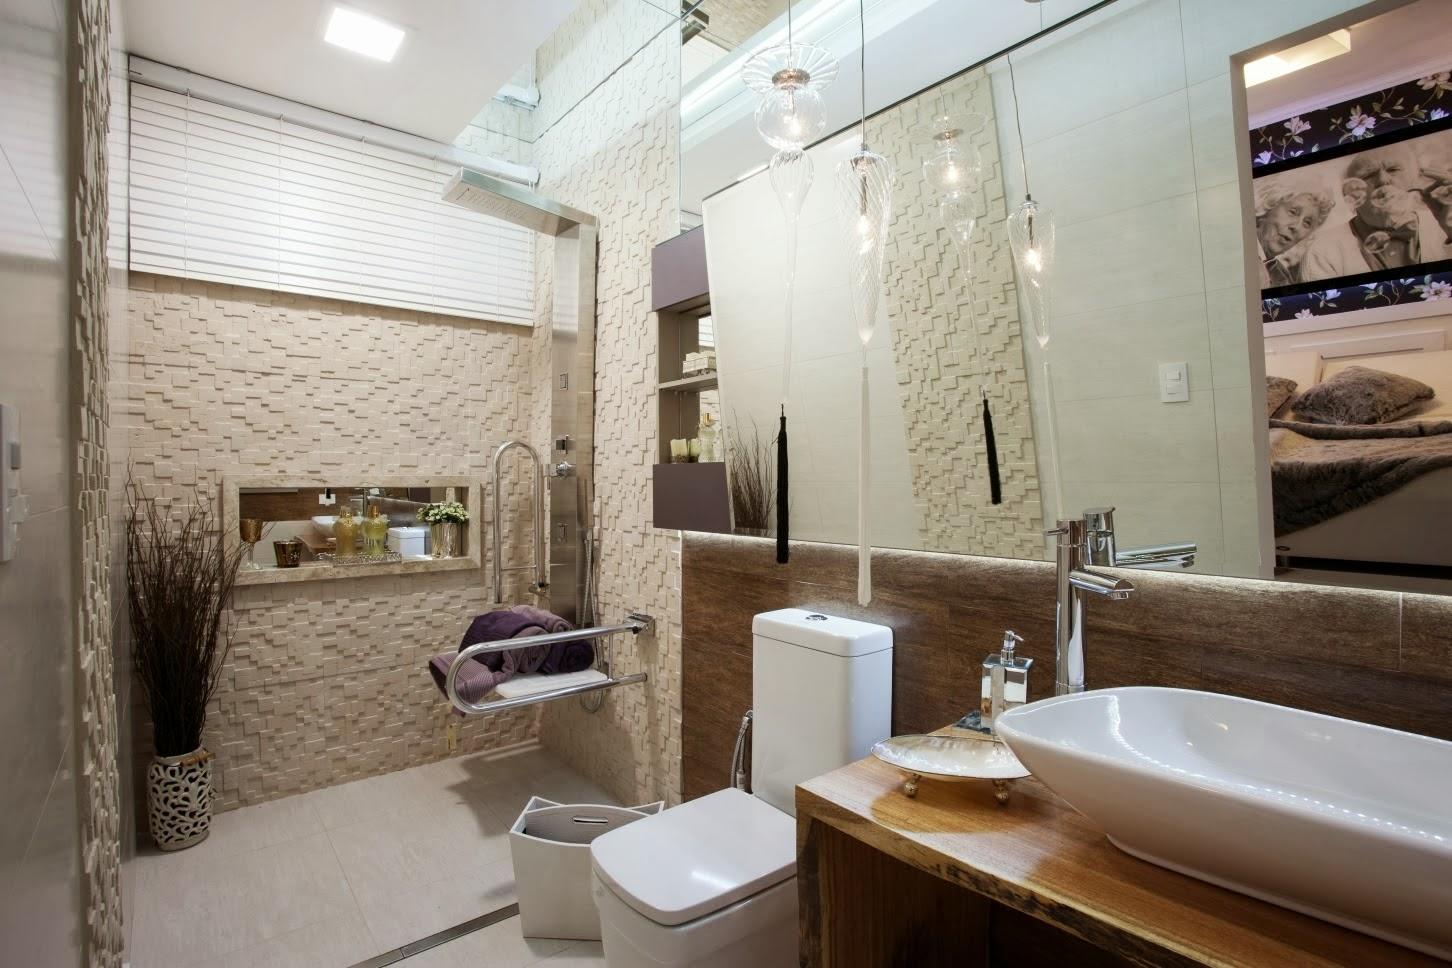 7g s1600 banheiro dos av c3 93s acessibilidade jpg mais banheiros #37271C 1452 968